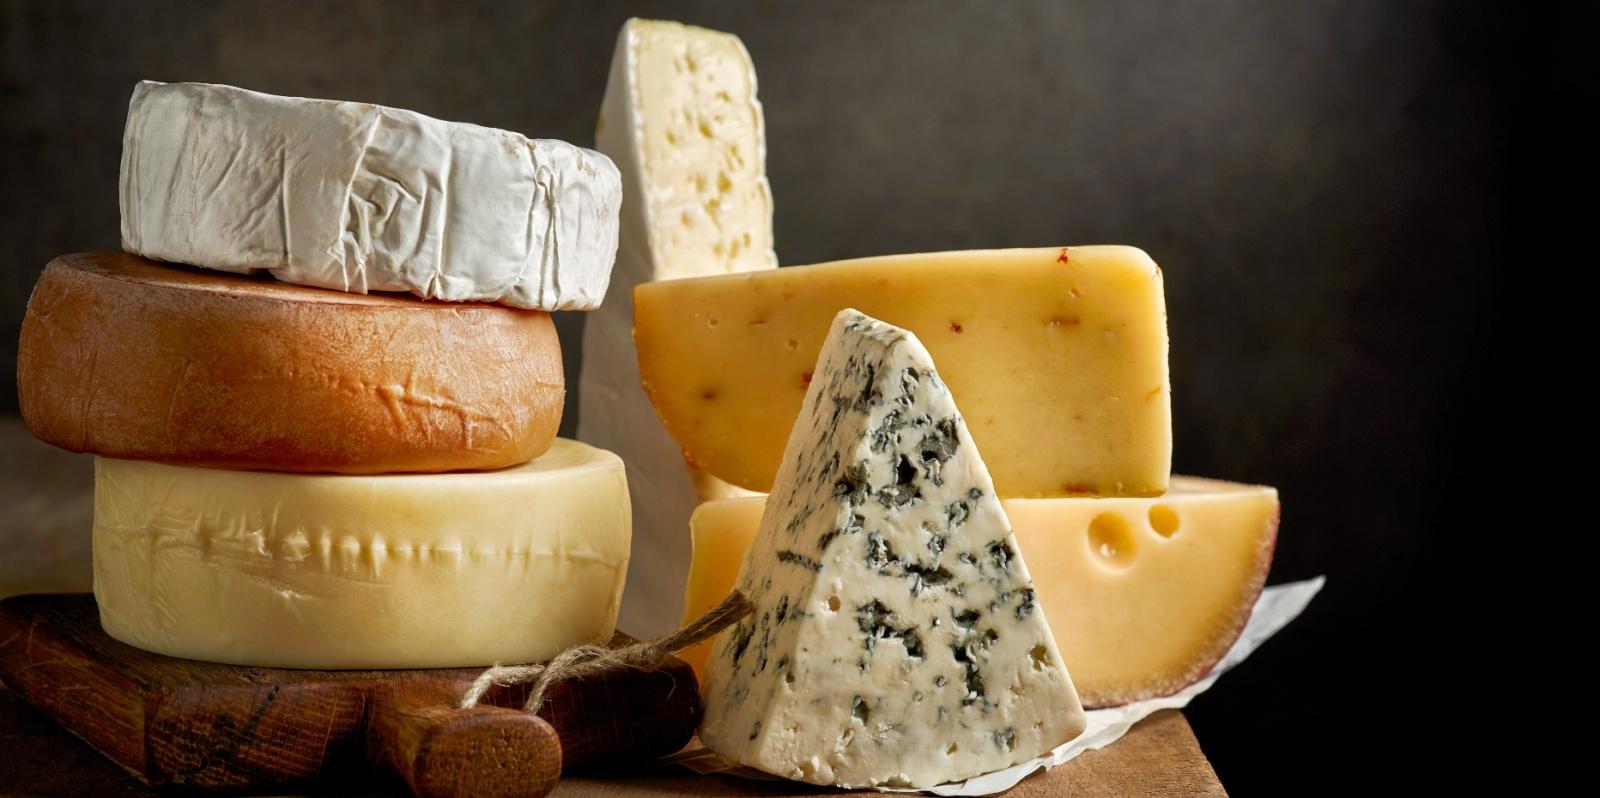 Запах сыра: ароматическое взаимодействие бактерий и грибков - 1